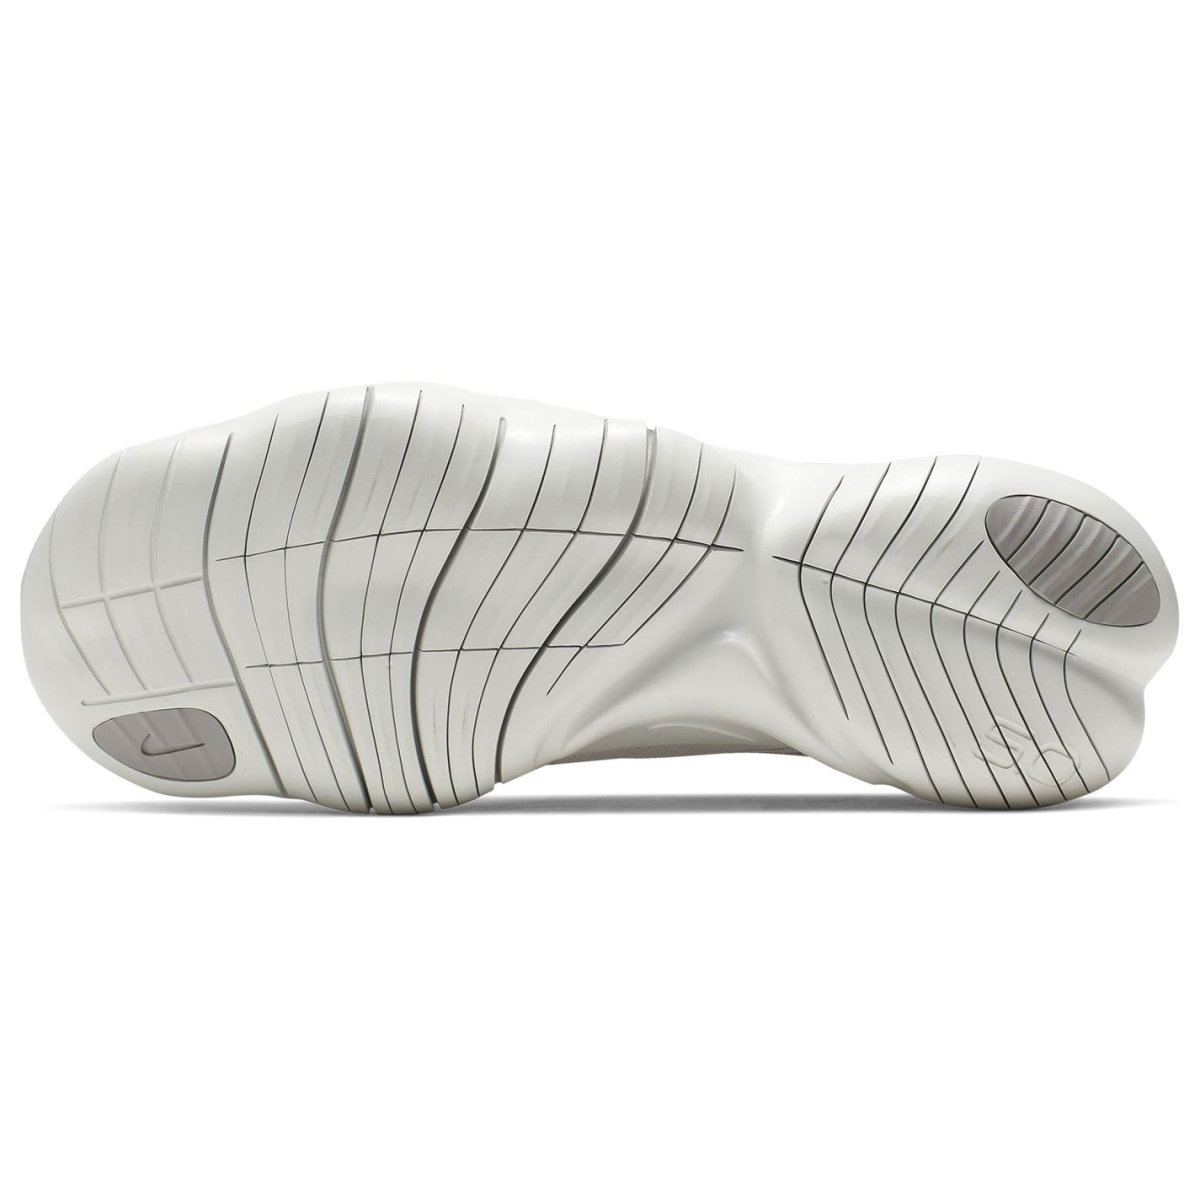 Nike Free Run 5.0 Turnschuhe Damen Sneaker Sportschuhe Laufschuhe 4628